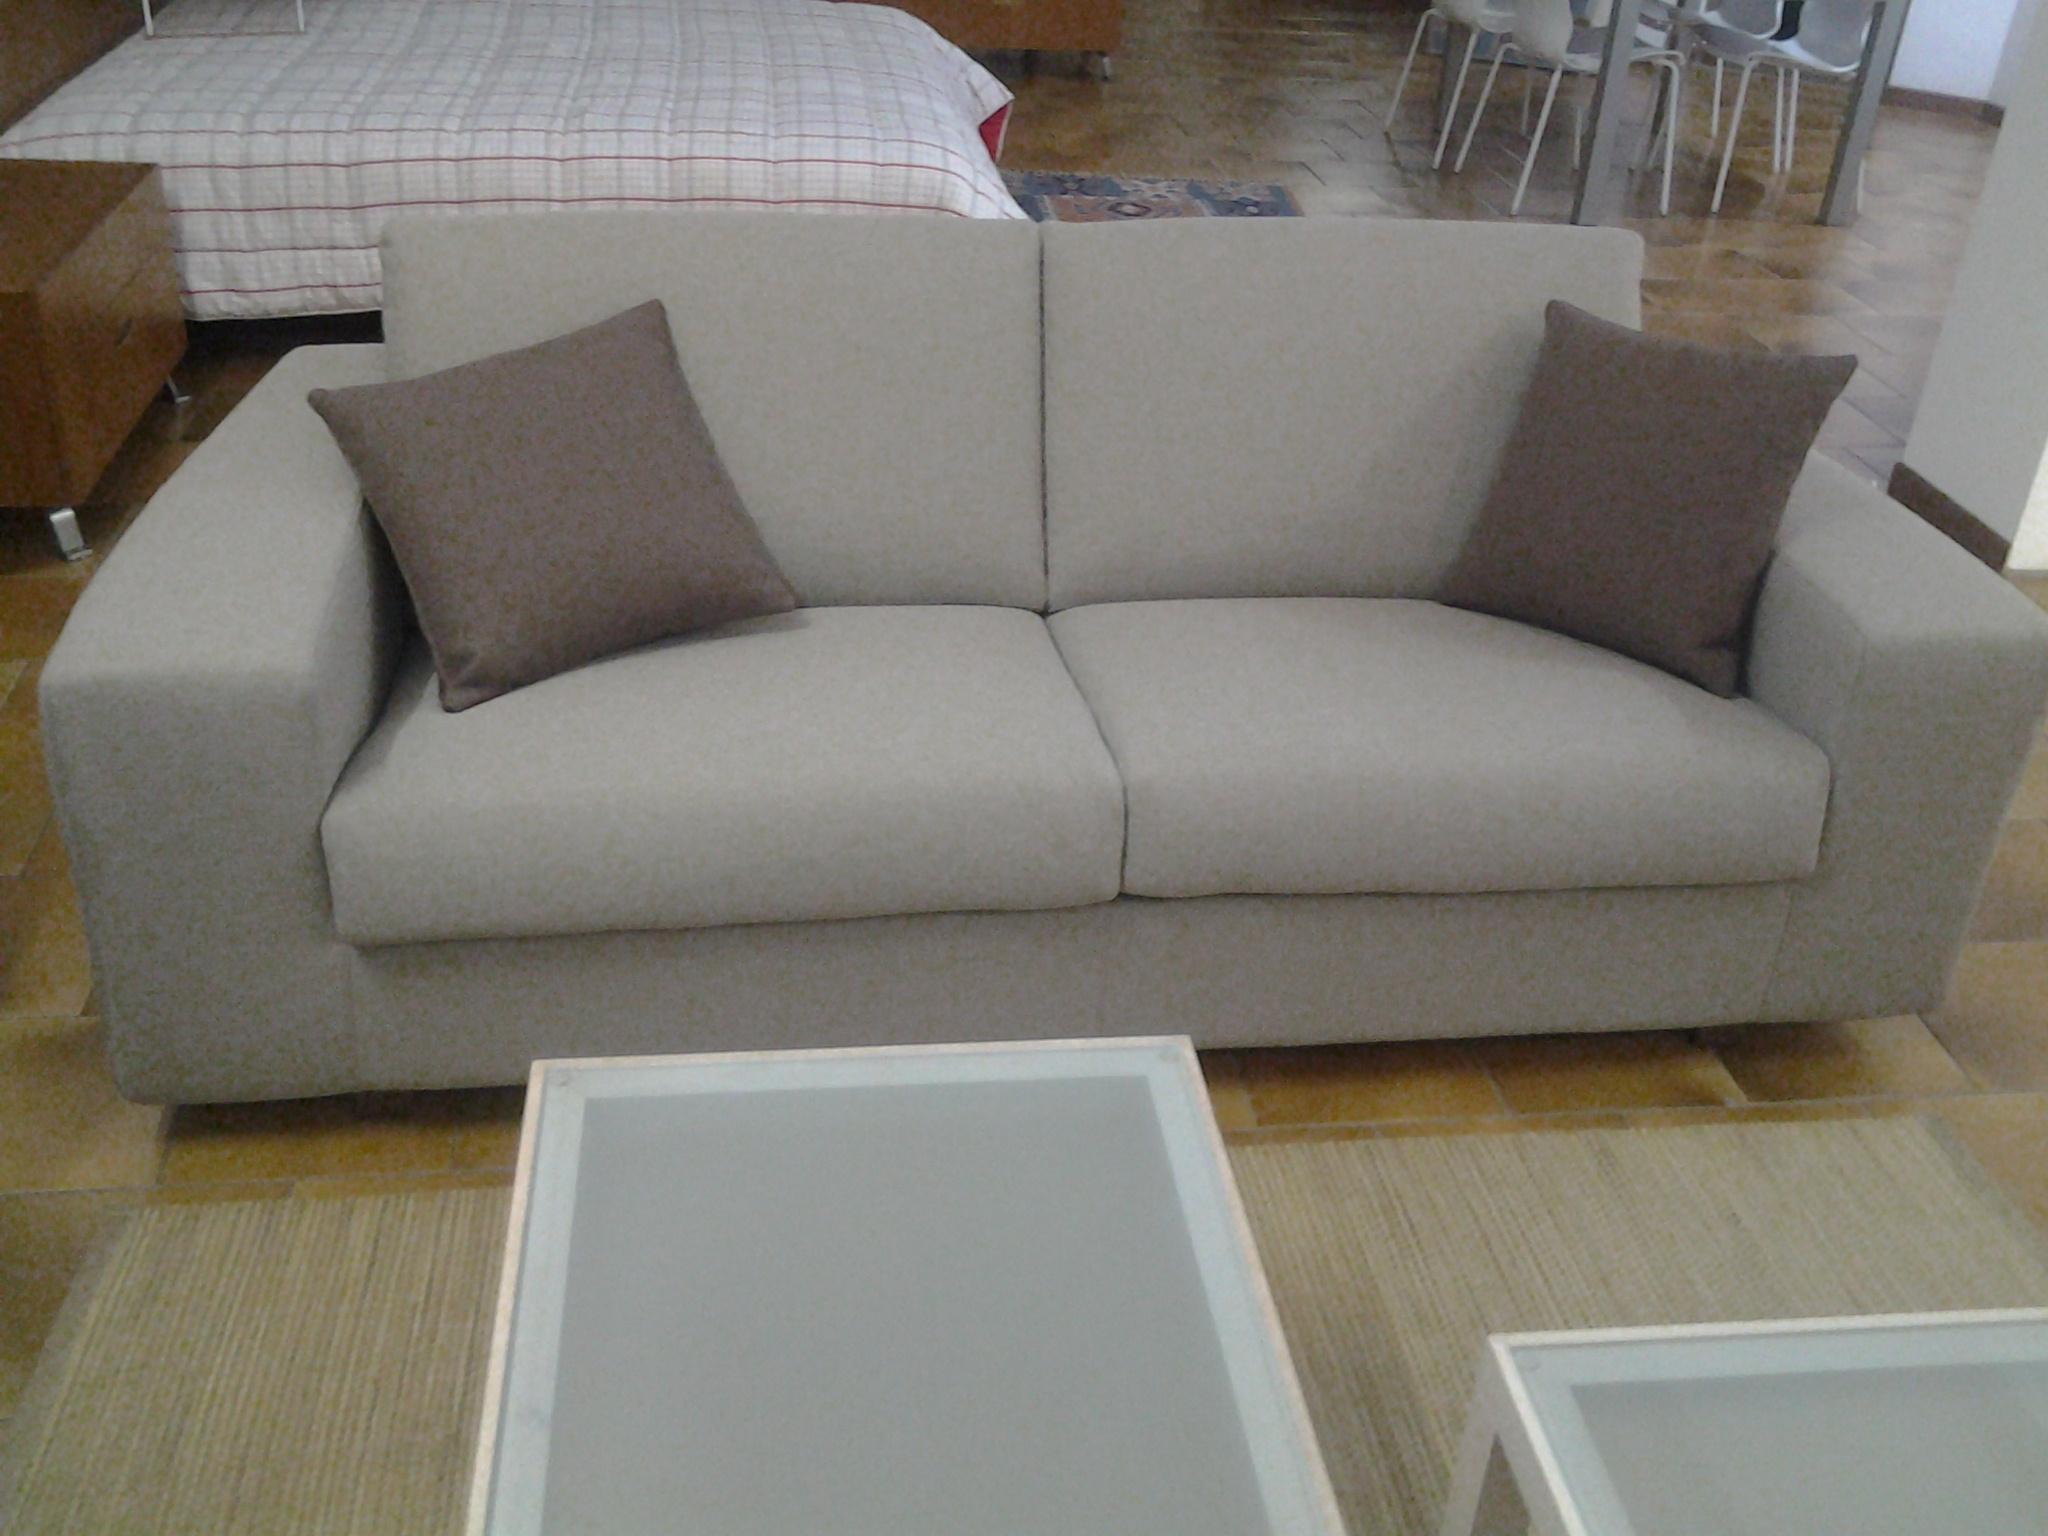 Dema divano elio divani letto tessuto divano 2 posti - Divano 2 posti letto ...